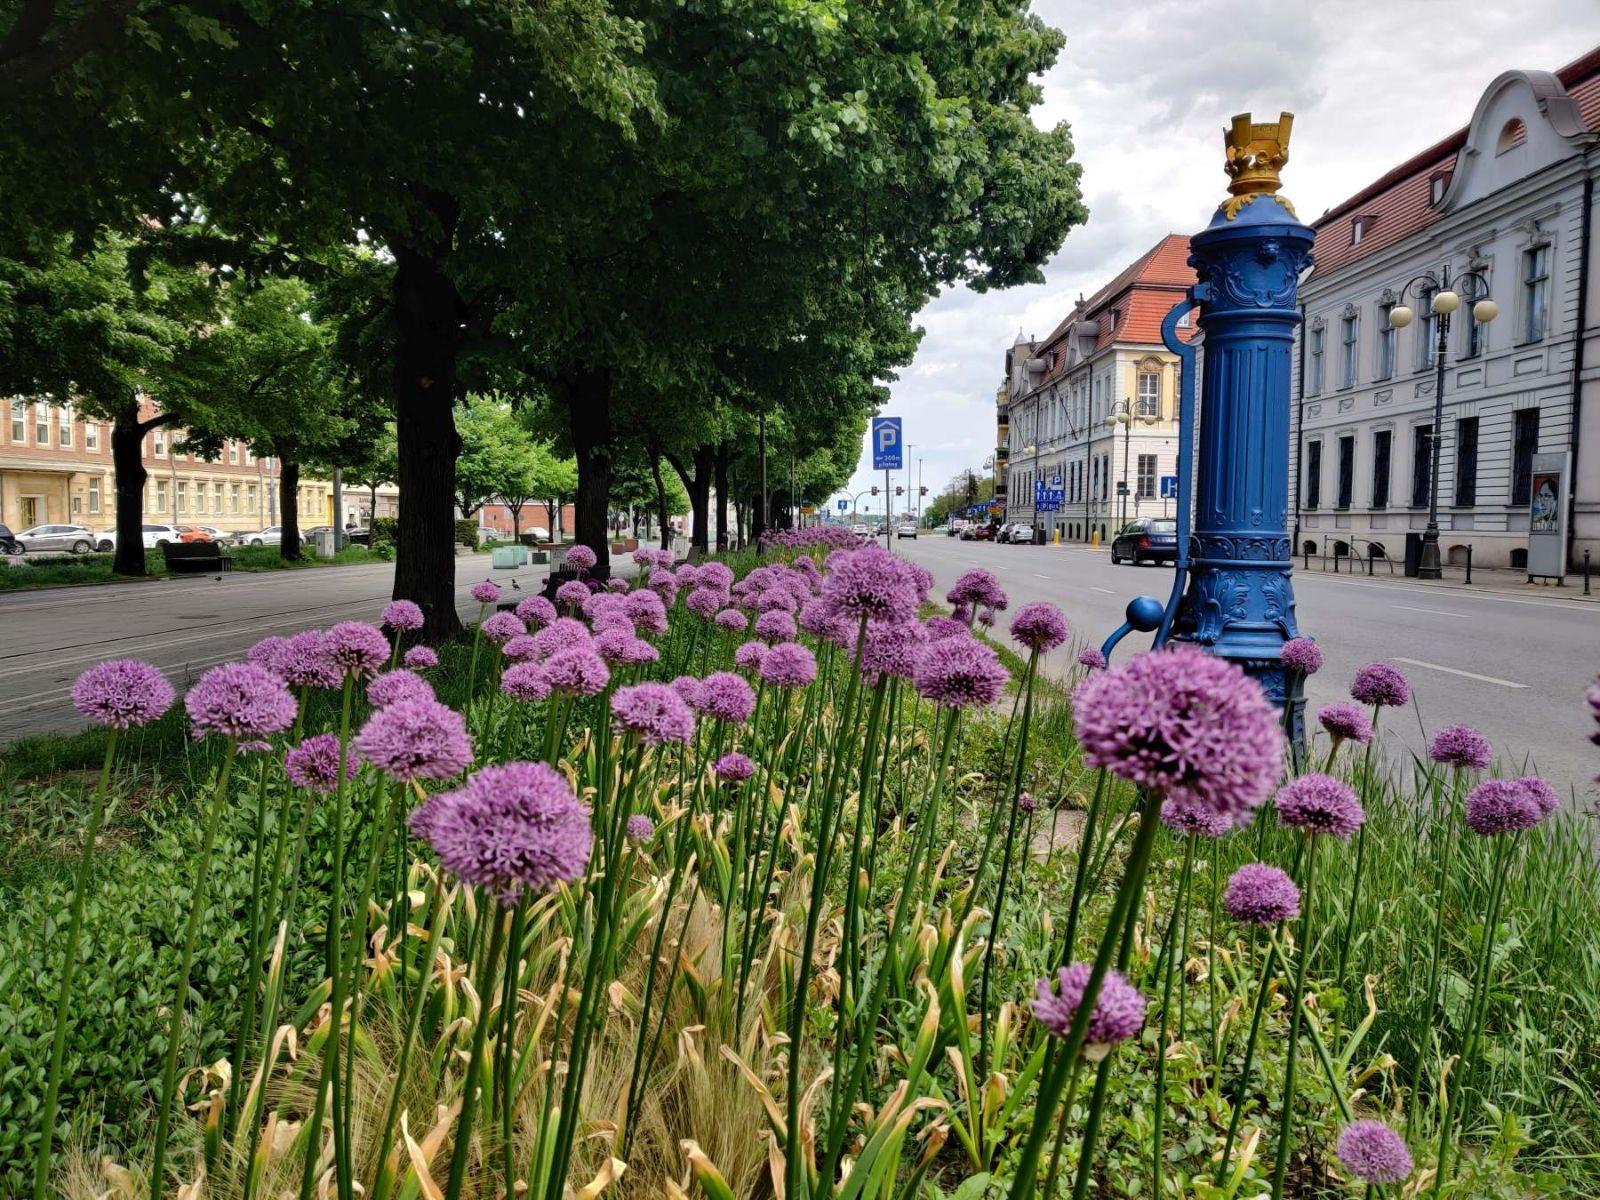 kwiaty sadzenie Park Kasprowicza Szczecin maj 2020